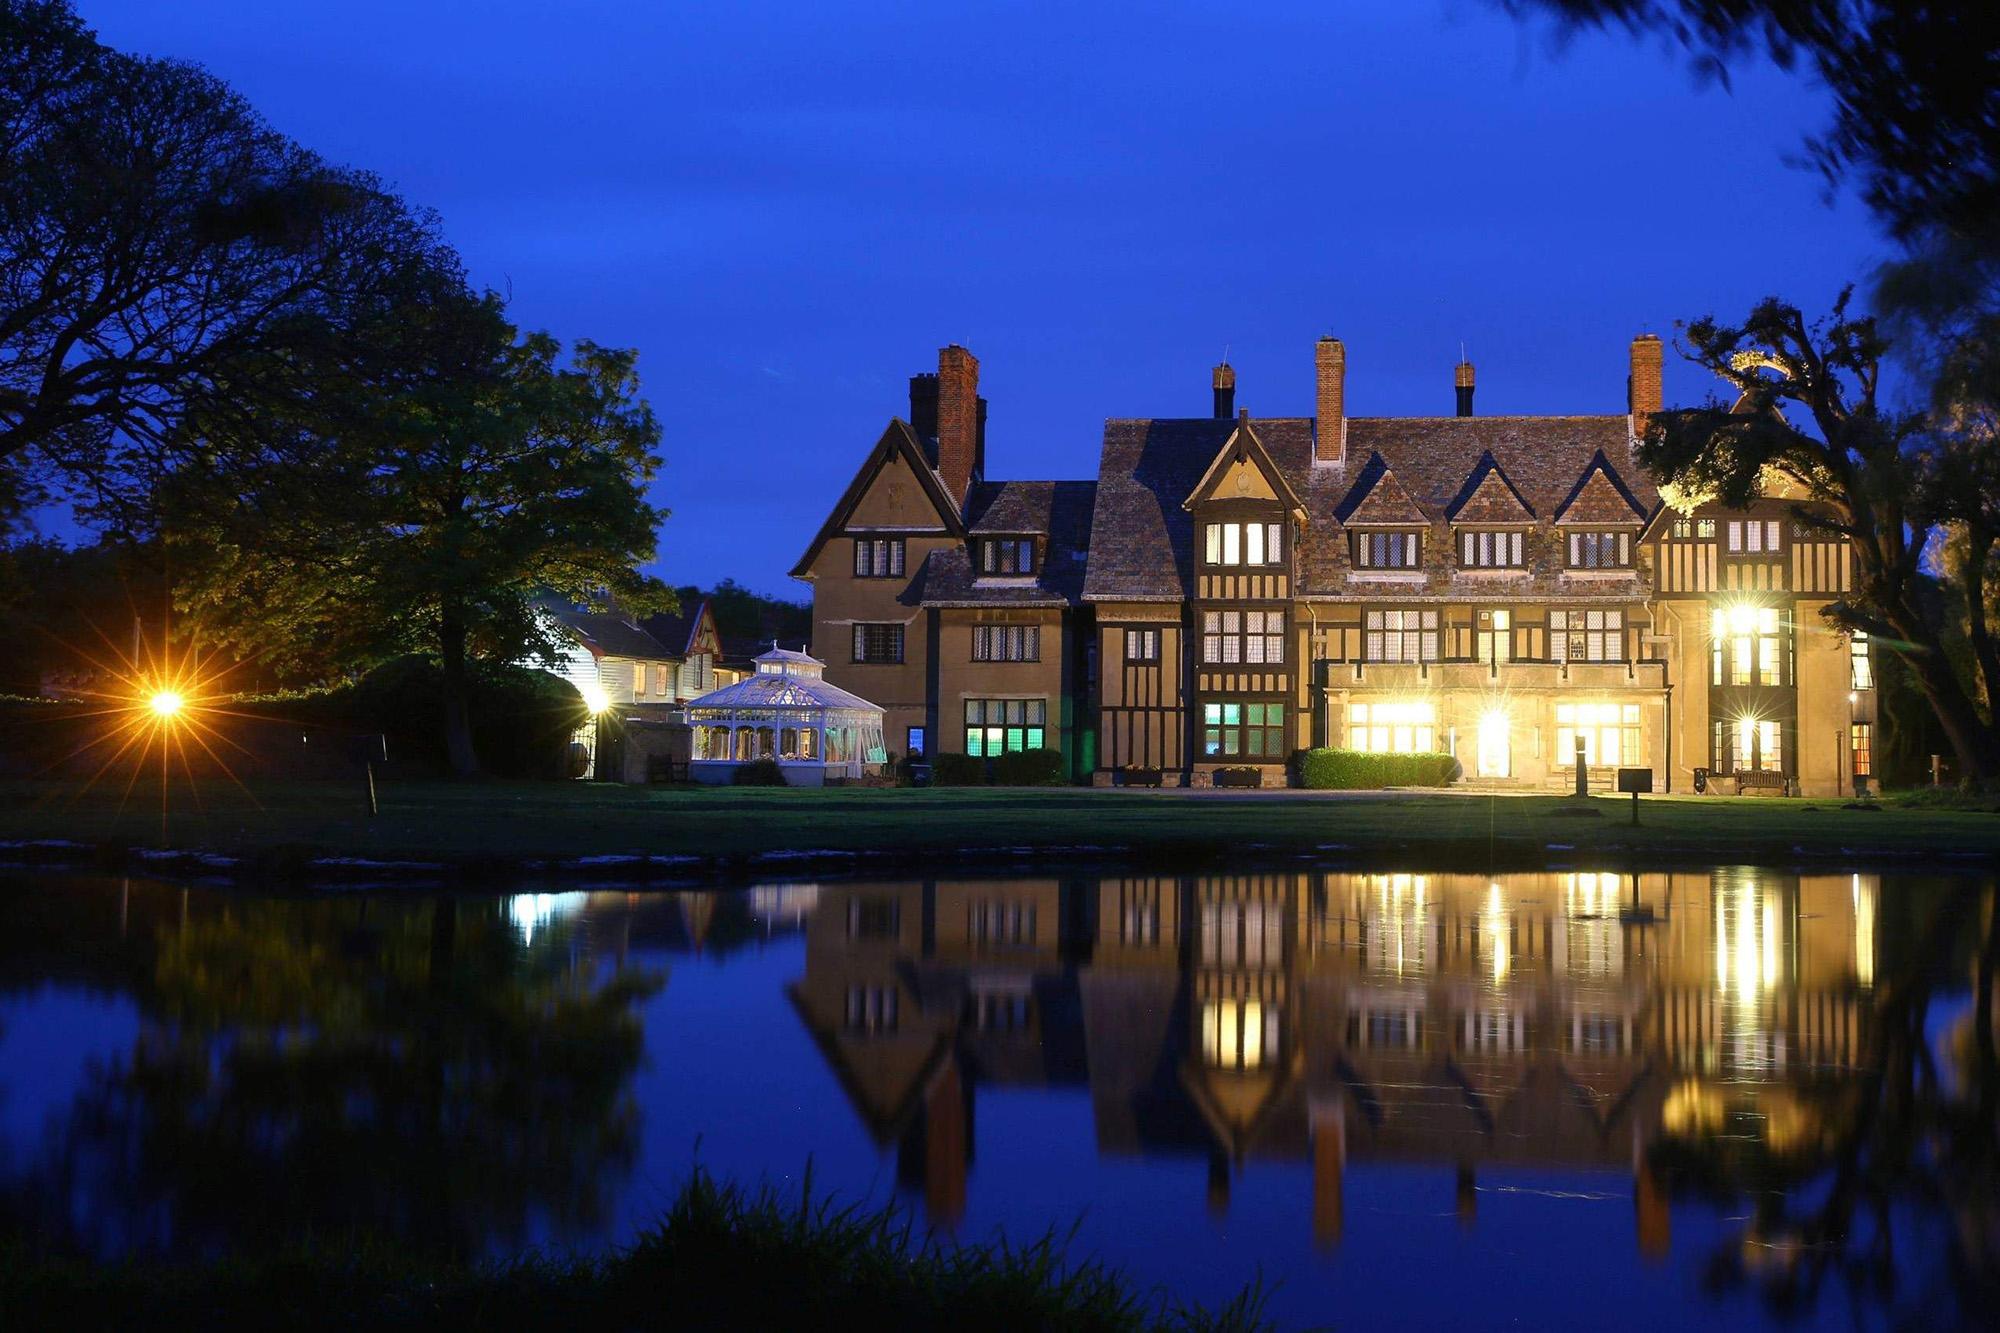 Sizewell-Hall-at-dusk.jpg